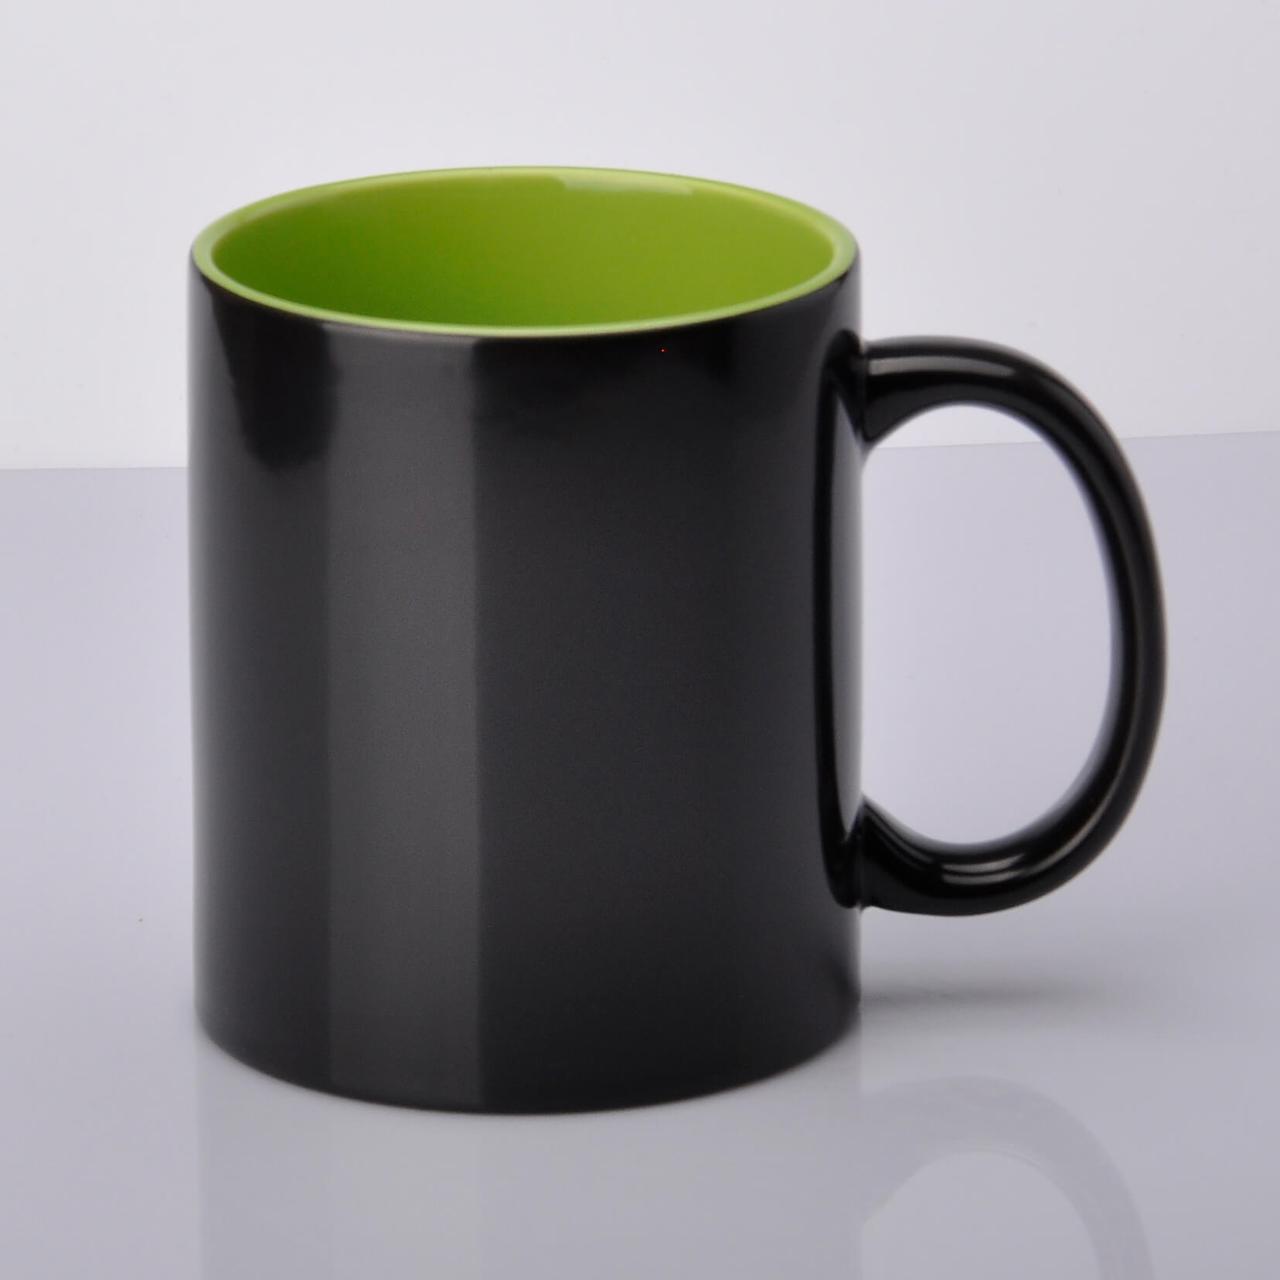 Чашка хамелеон салатовая внутри для сублимации